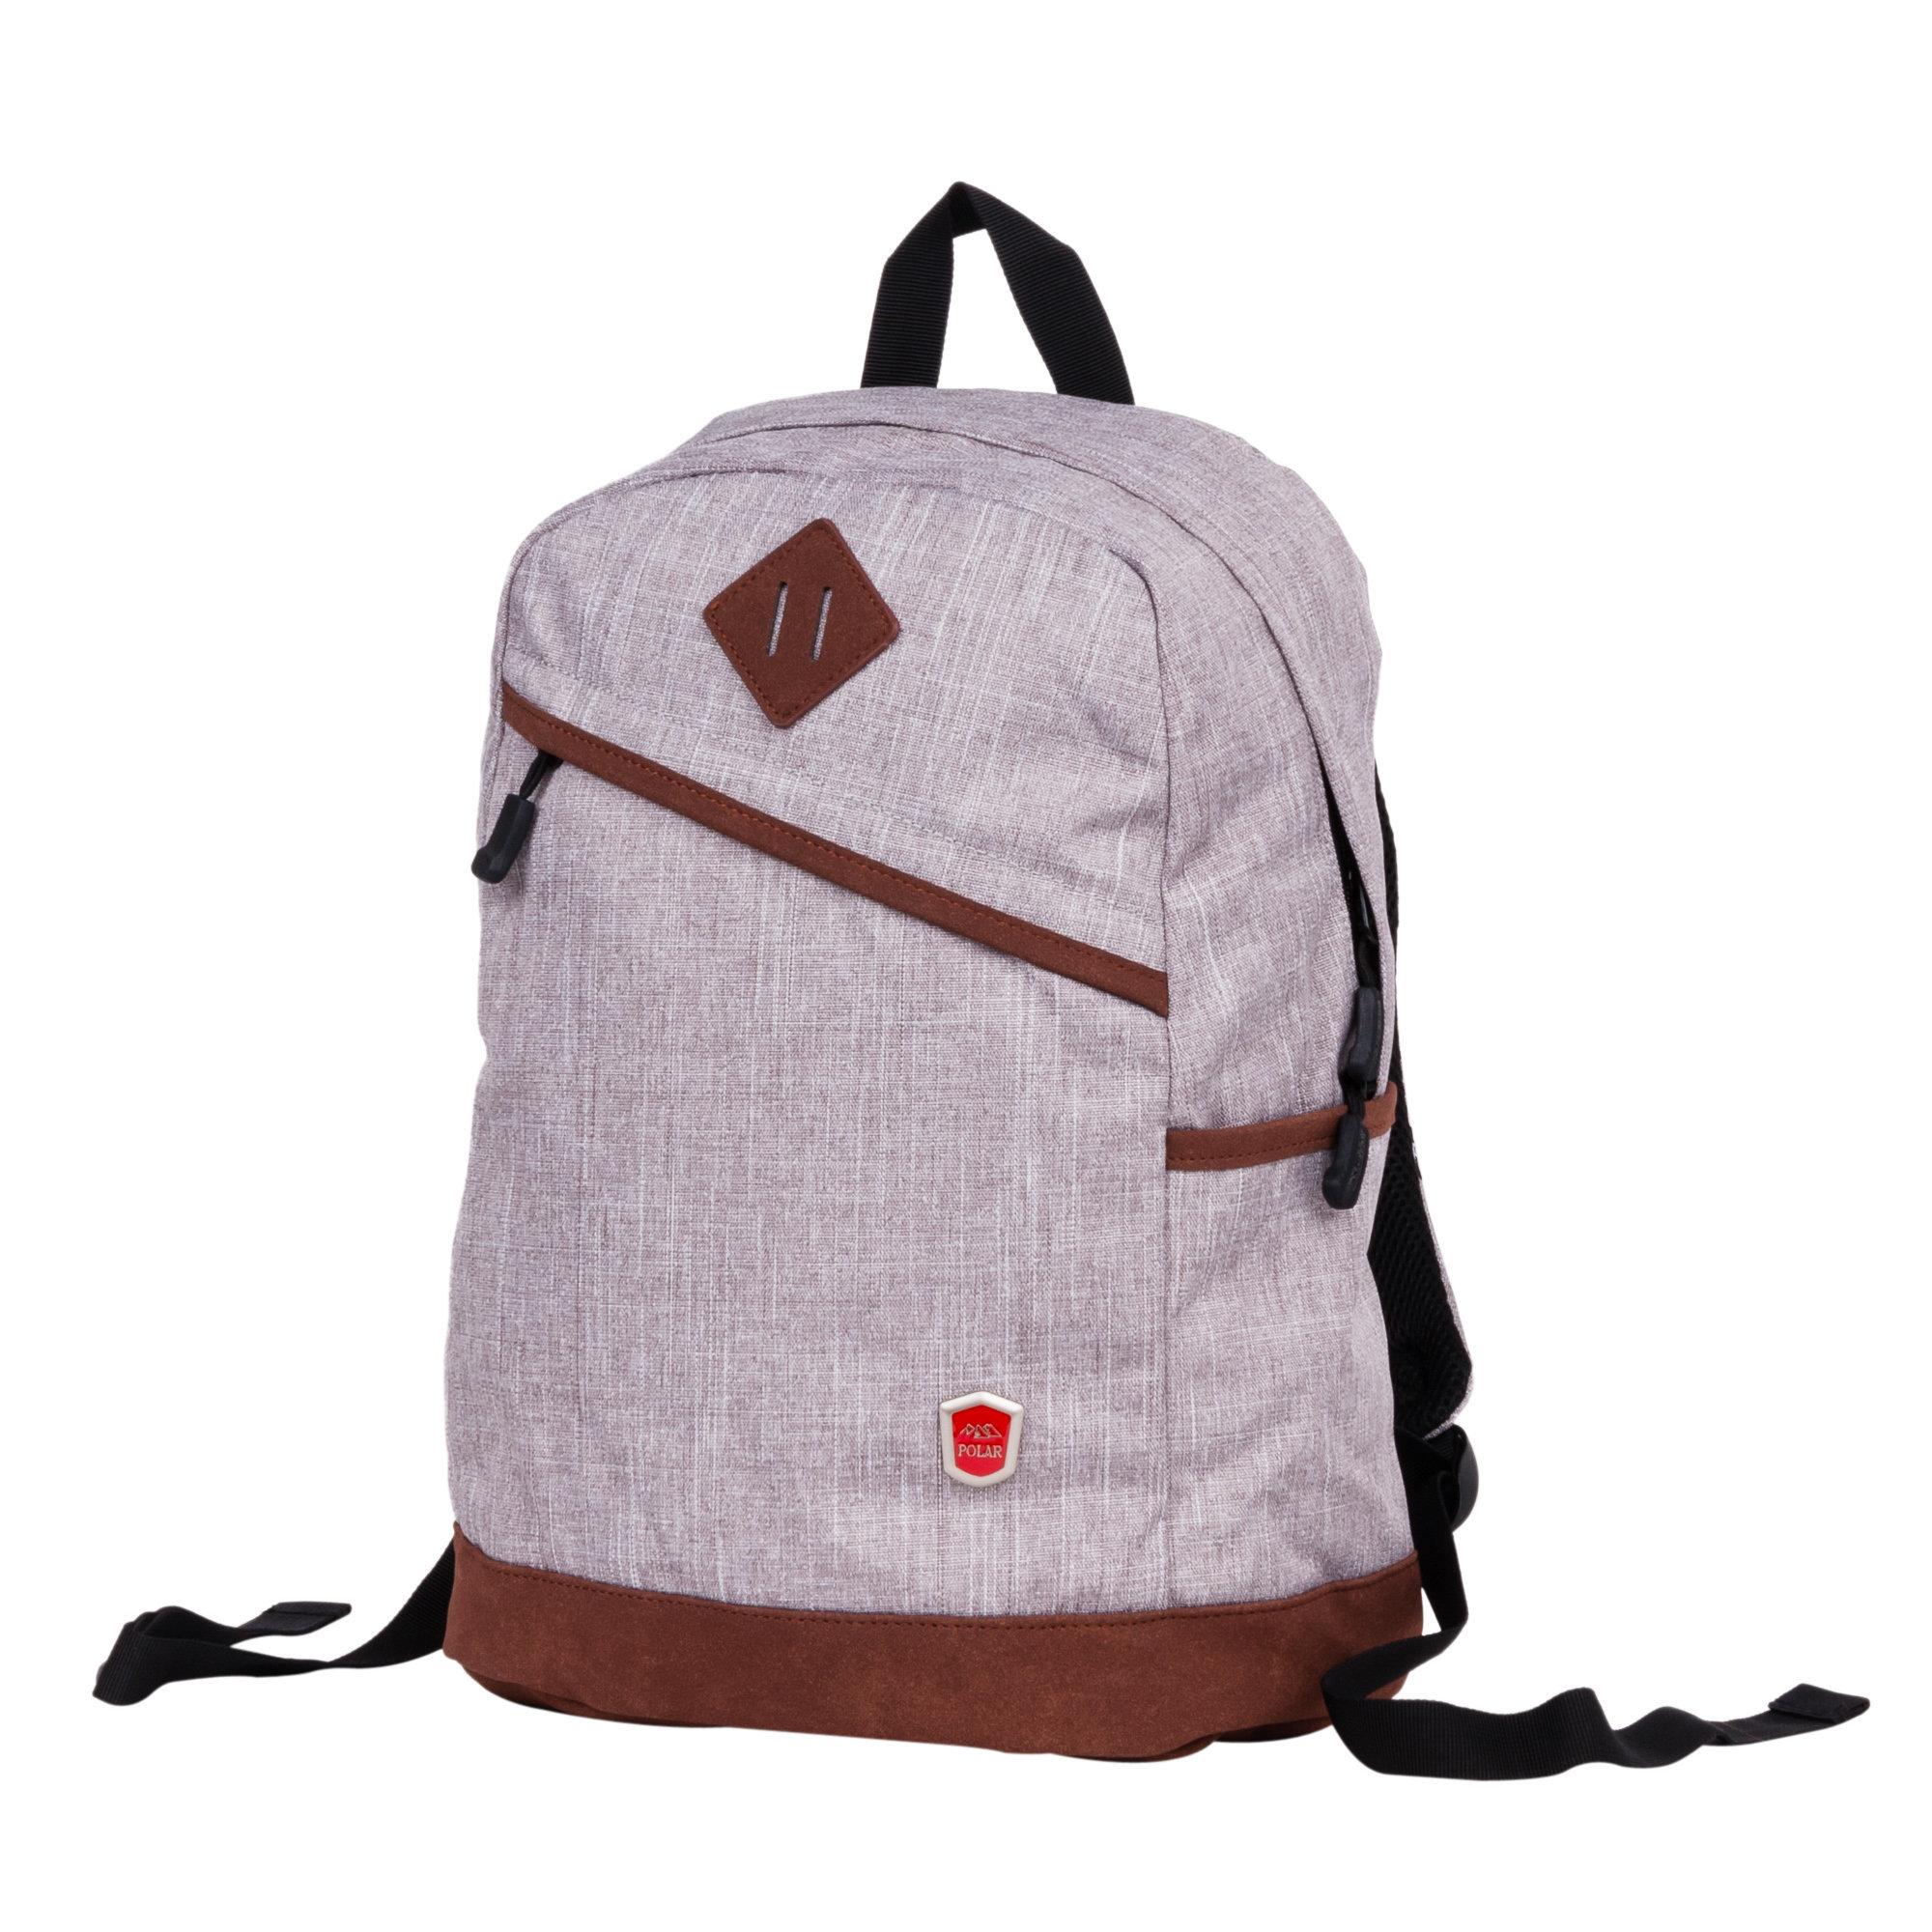 Рюкзак Polar 16012 18.5 серый